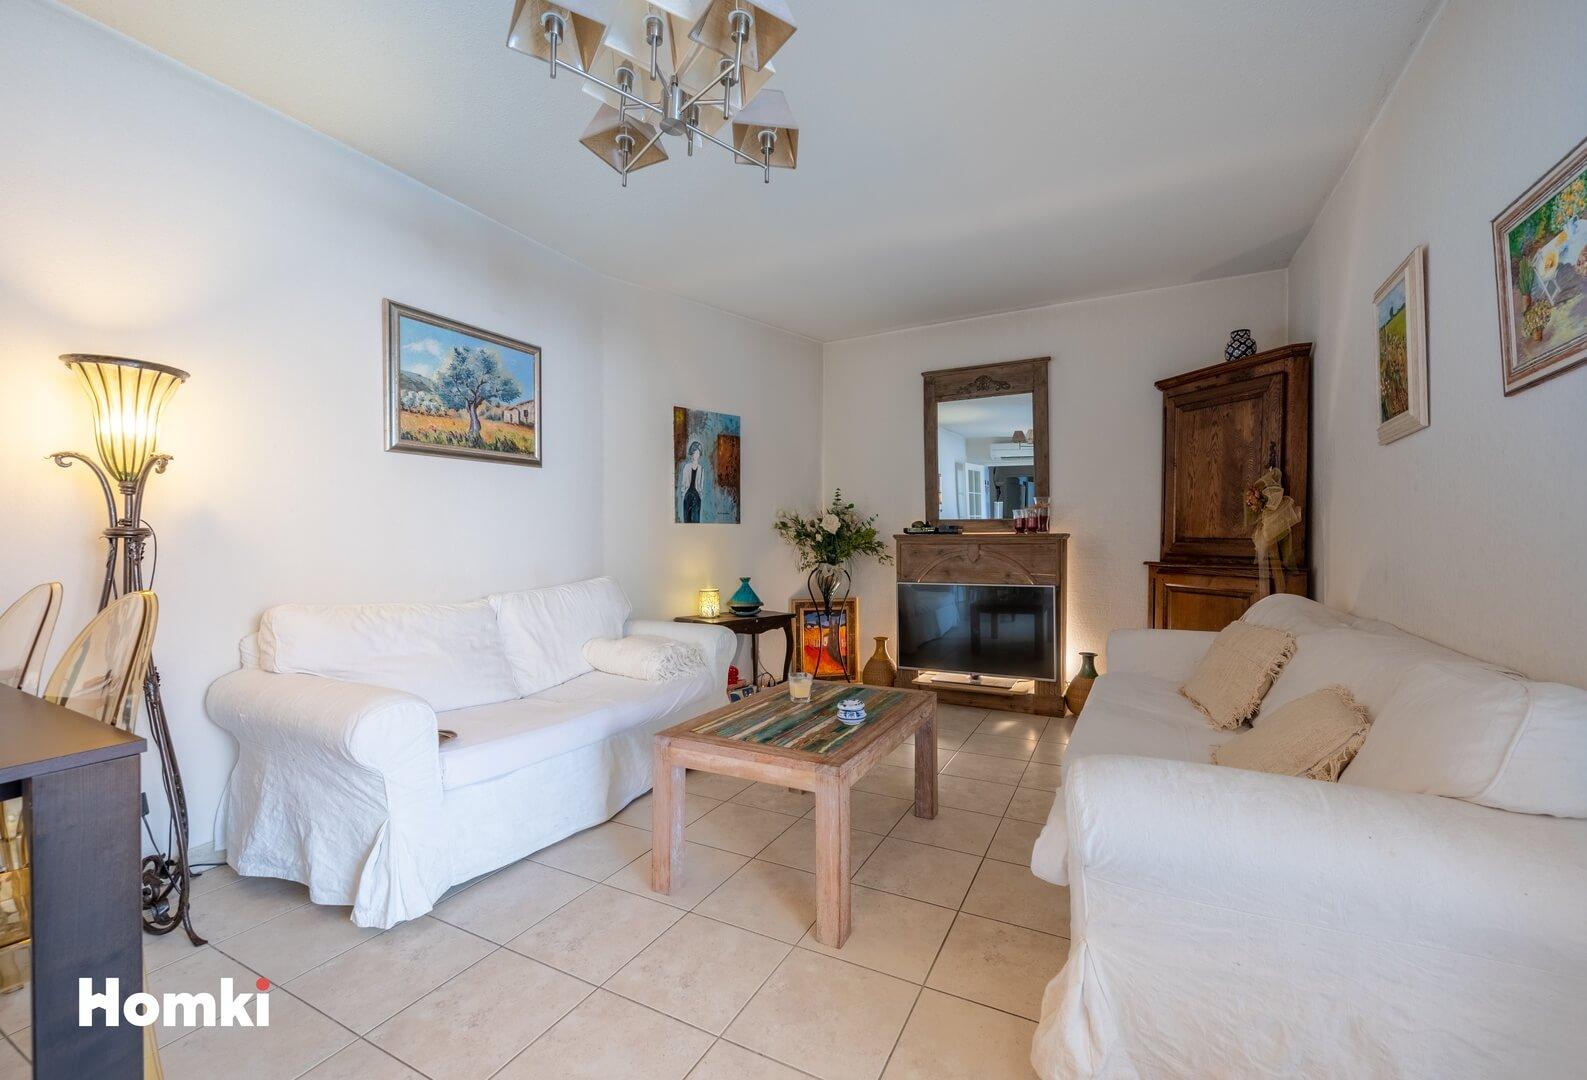 Homki - Vente Appartement  de 65.0 m² à Vallauris 06220